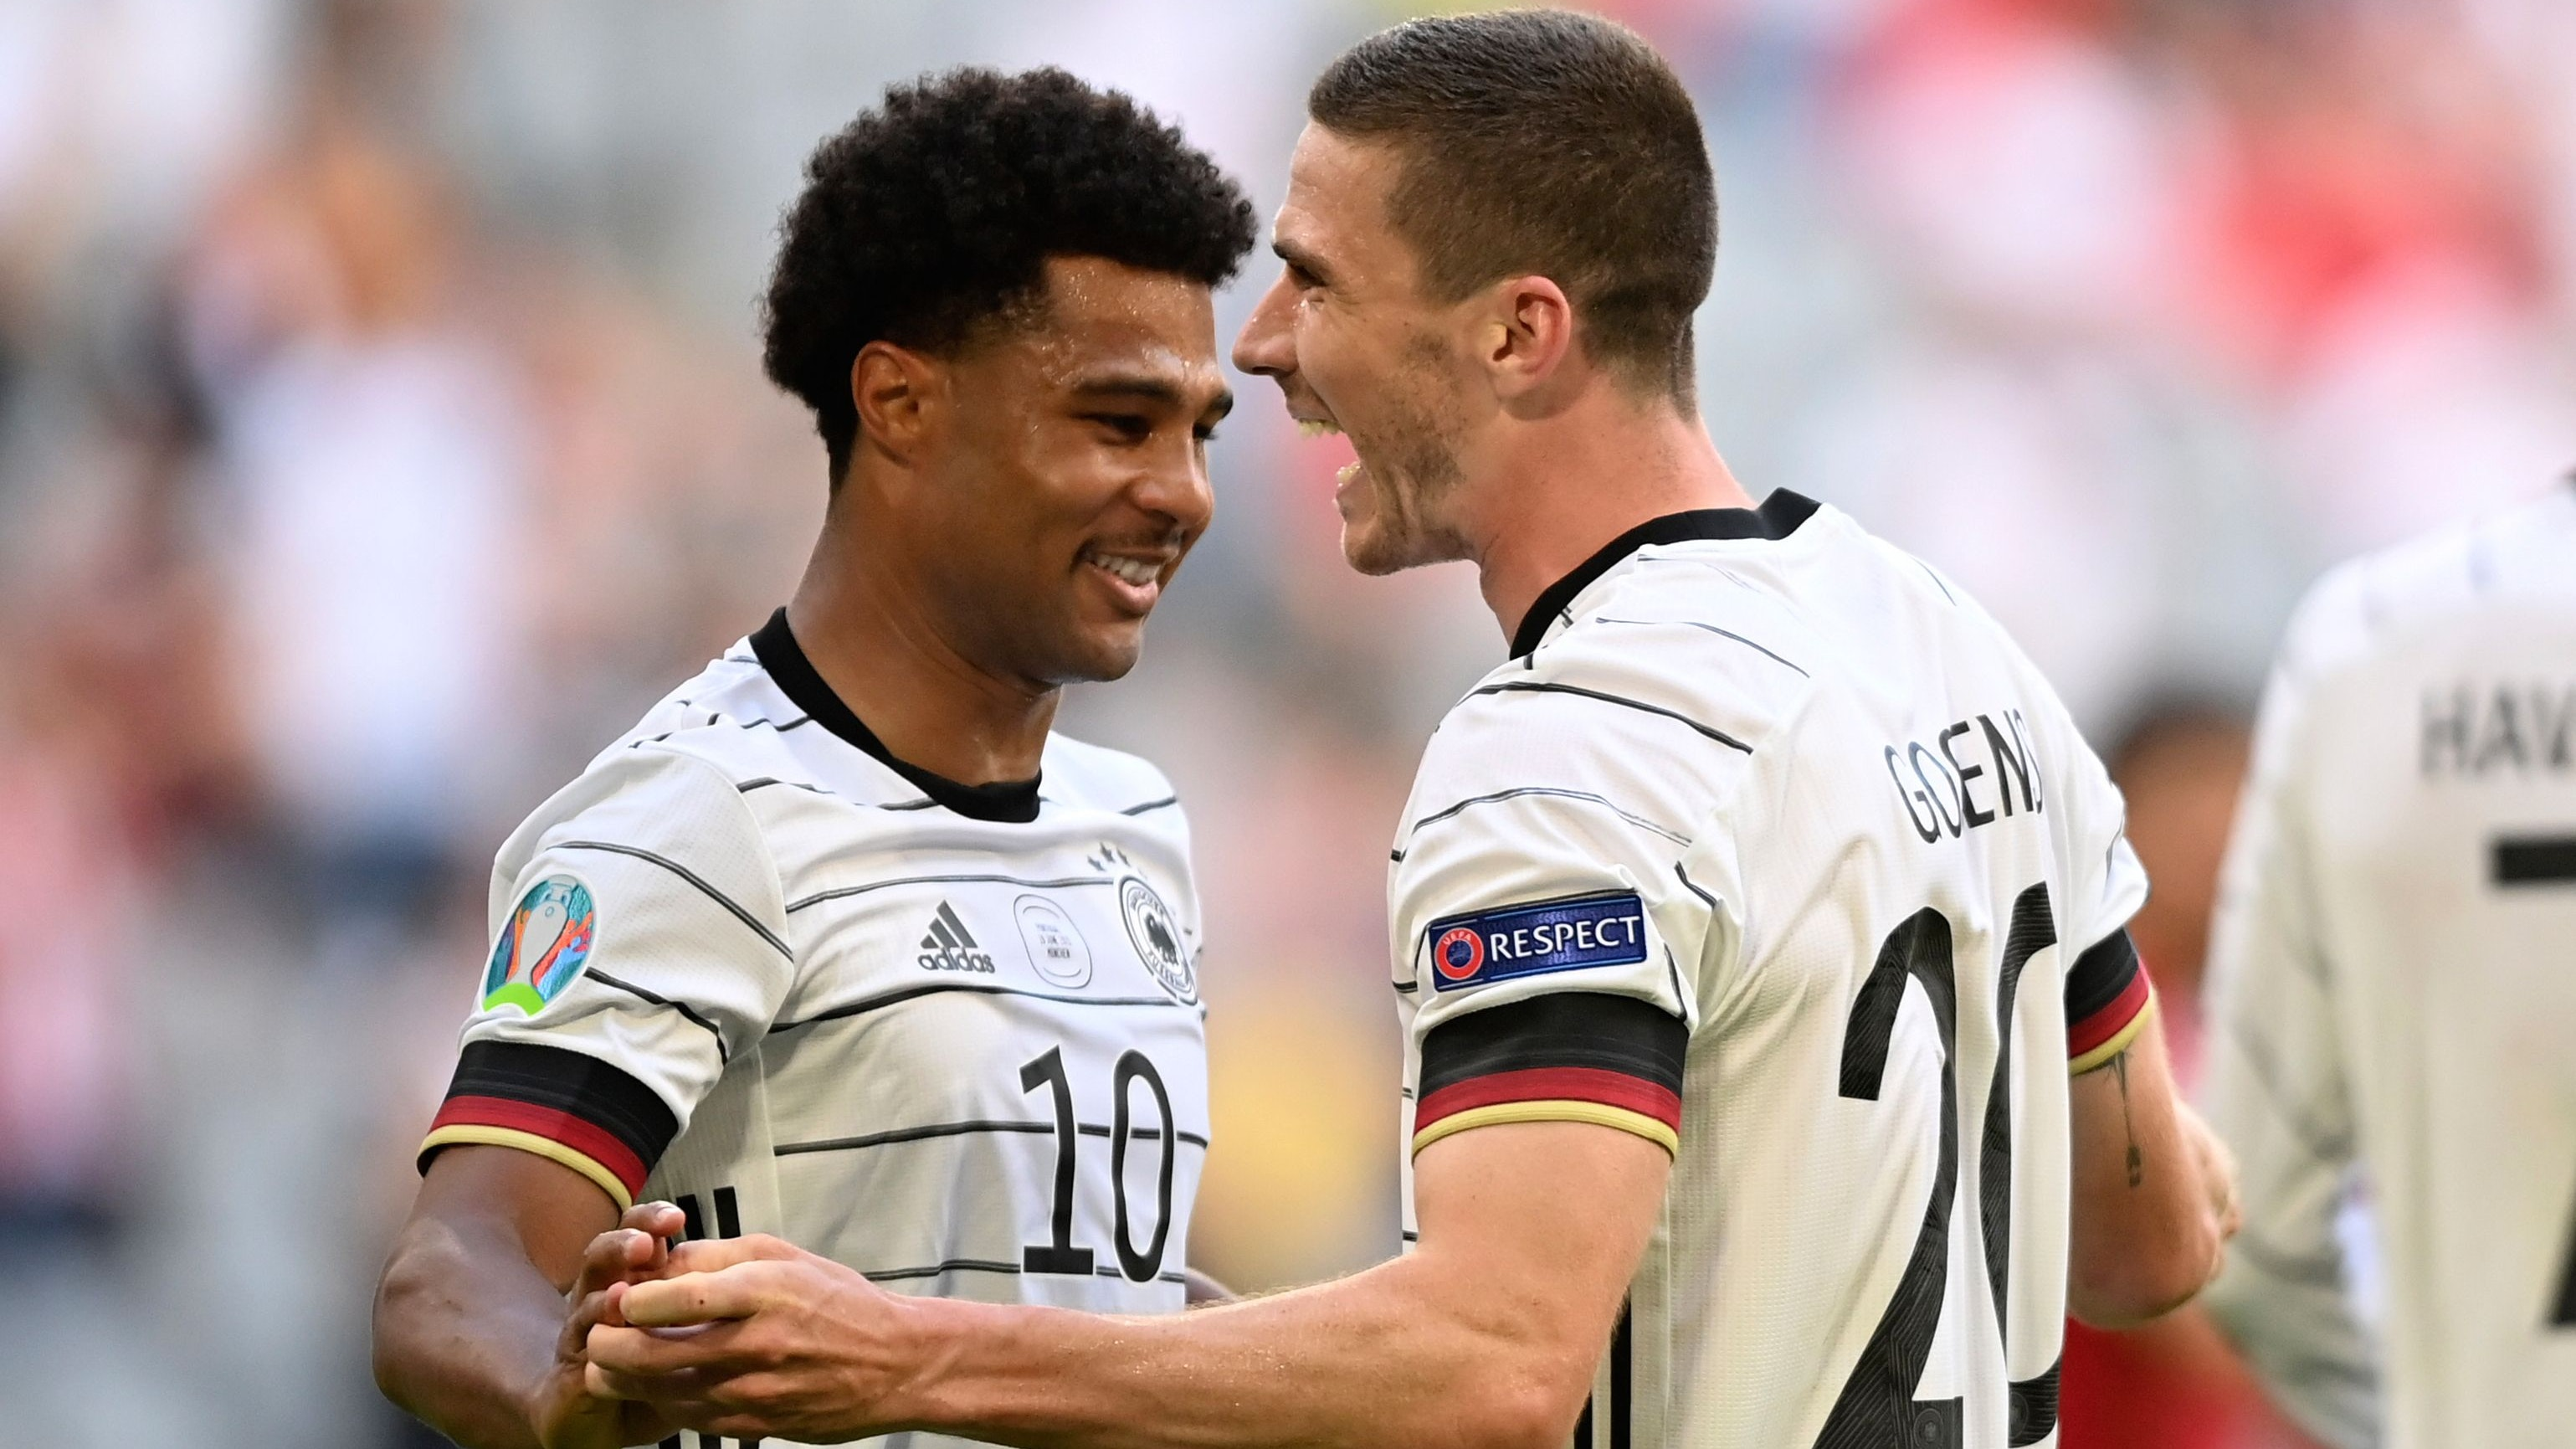 Prächtige Laune in München: Deutschlands EM-Entdeckung Robin Gosens (rechts) feiert sein 4:1 gegen Portugal zusammen mit Serge Gnabry. Foto: dpa/Guelland